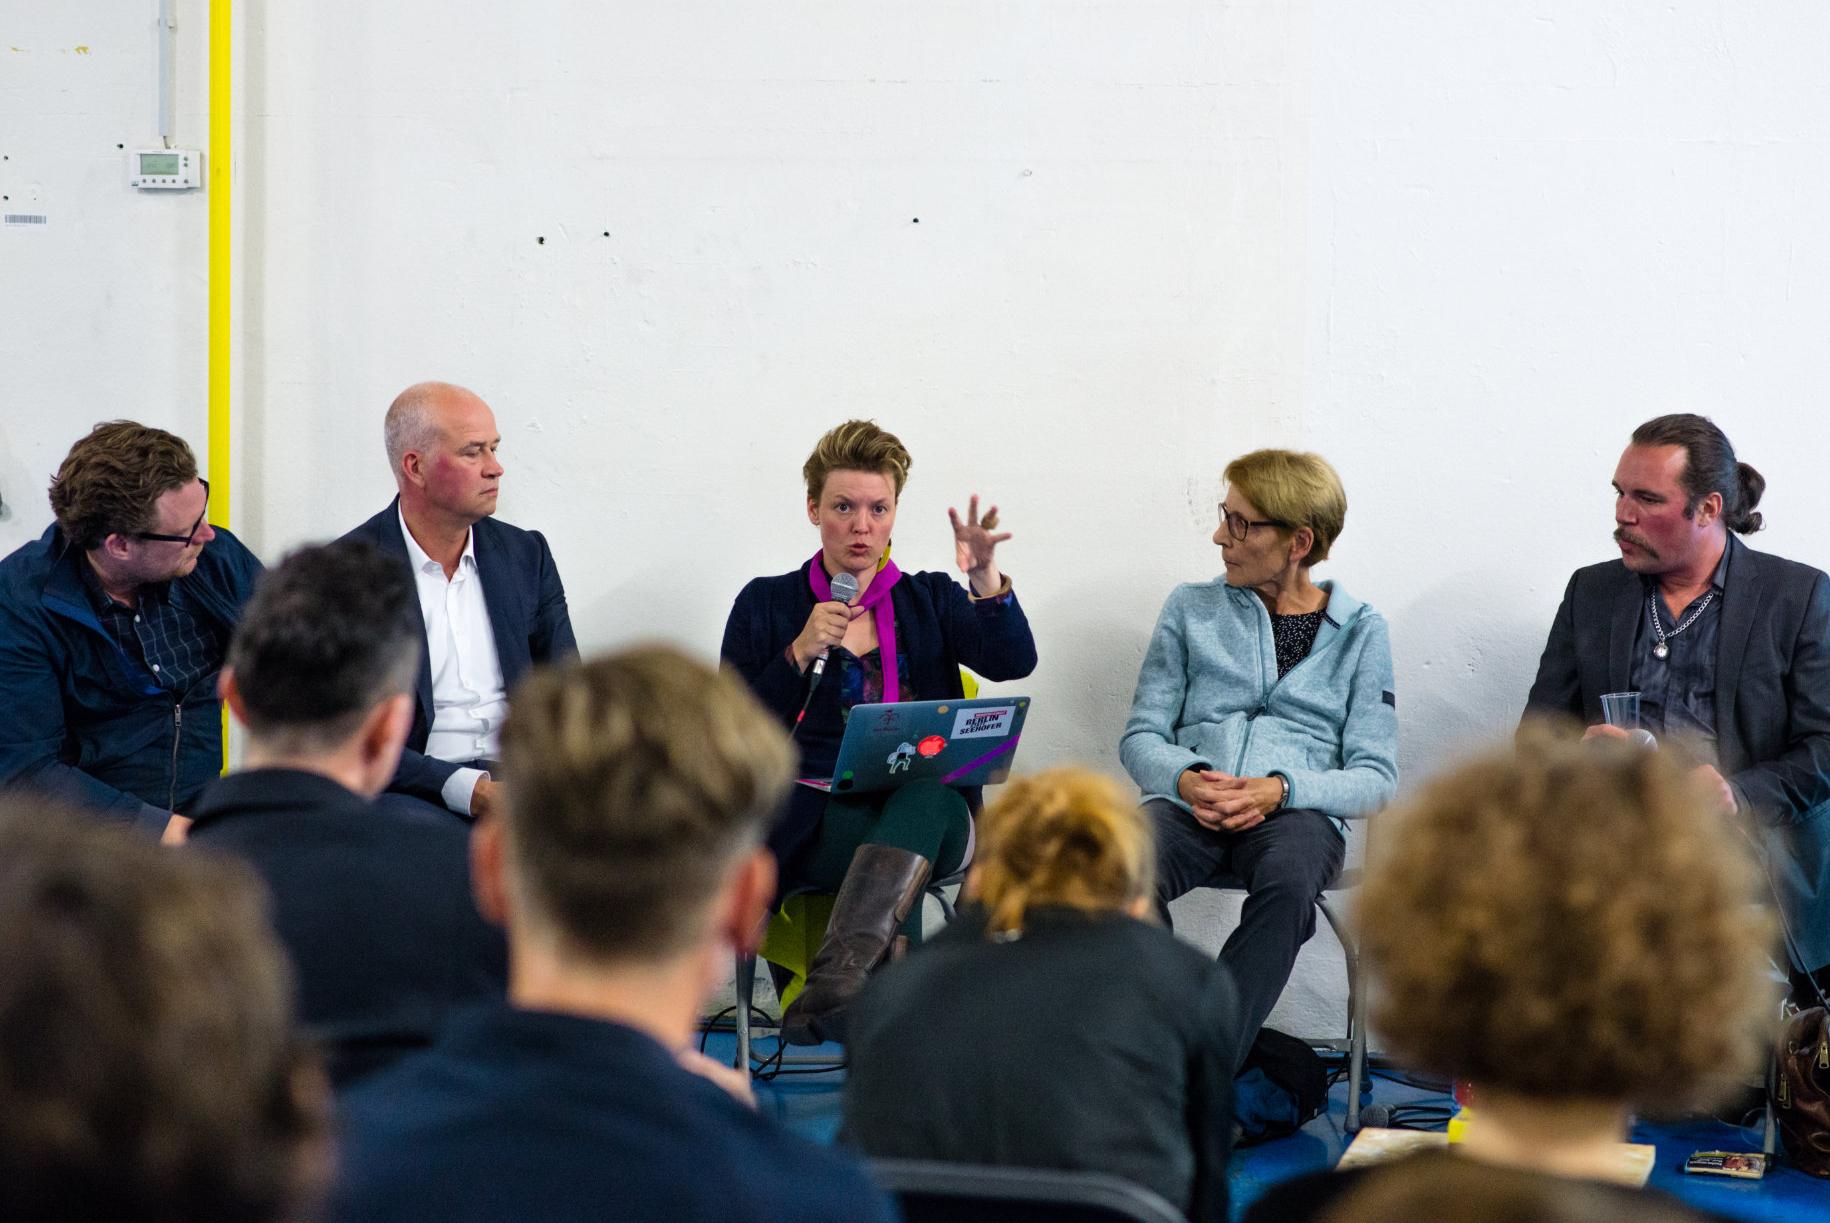 """<p><b>How to breathe in a bubble?</b><b><br /> </b><b>Experimentelles Panel zur Stadtentwicklung </b>mit Marco Schmitt (Performancekünstler und systemischer Coach), Martin Schwegmann (Stadtforscher und Atelierbeauftragter des bbk), Zoe Claire Miller (Künstlerin, Mitgründerin Berlin Art Prize, Sprecherin bbk berlin), Andreas Krüger (Belius GmbH), Alexandra von Stosch (Artprojekt Unternehmensgruppe), Cornelia Wagner (Oranostra Verbund), Sandra Meireis (freie Architekturtheoretikerin), MdA Katalin Gennburg (Sprecherin für Stadtentwicklung, Tourismus und Smart City, Die Linke), Sven Lemiss (Geschäftsführung BIM)</p> <p><i>""""Everything is gentrification now"""" but Richard Florida isn't sorry</i>. Die Stadt wird teurer und enger, manche gewinnen daraus, andere verlieren. Marco Schmitt versuchte an diesem Abend den sozioökonomischen Komplex von Gentrifizierung am Beispiel von Kreuzberg mit Beteiligten der Kunst, Politik und Bauwirtschaft in einer von ihm entwickelten Methode des COA CHING zu entwirren. Dabei brachte er von Betroffenen und Verantwortlichen gleichsam in Erfahrung, welche (moralischen) Handlungsspielräume möglich sind, wenn der urbane Raum von Preisdruck und Knappheit eingeholt wird.</p>"""